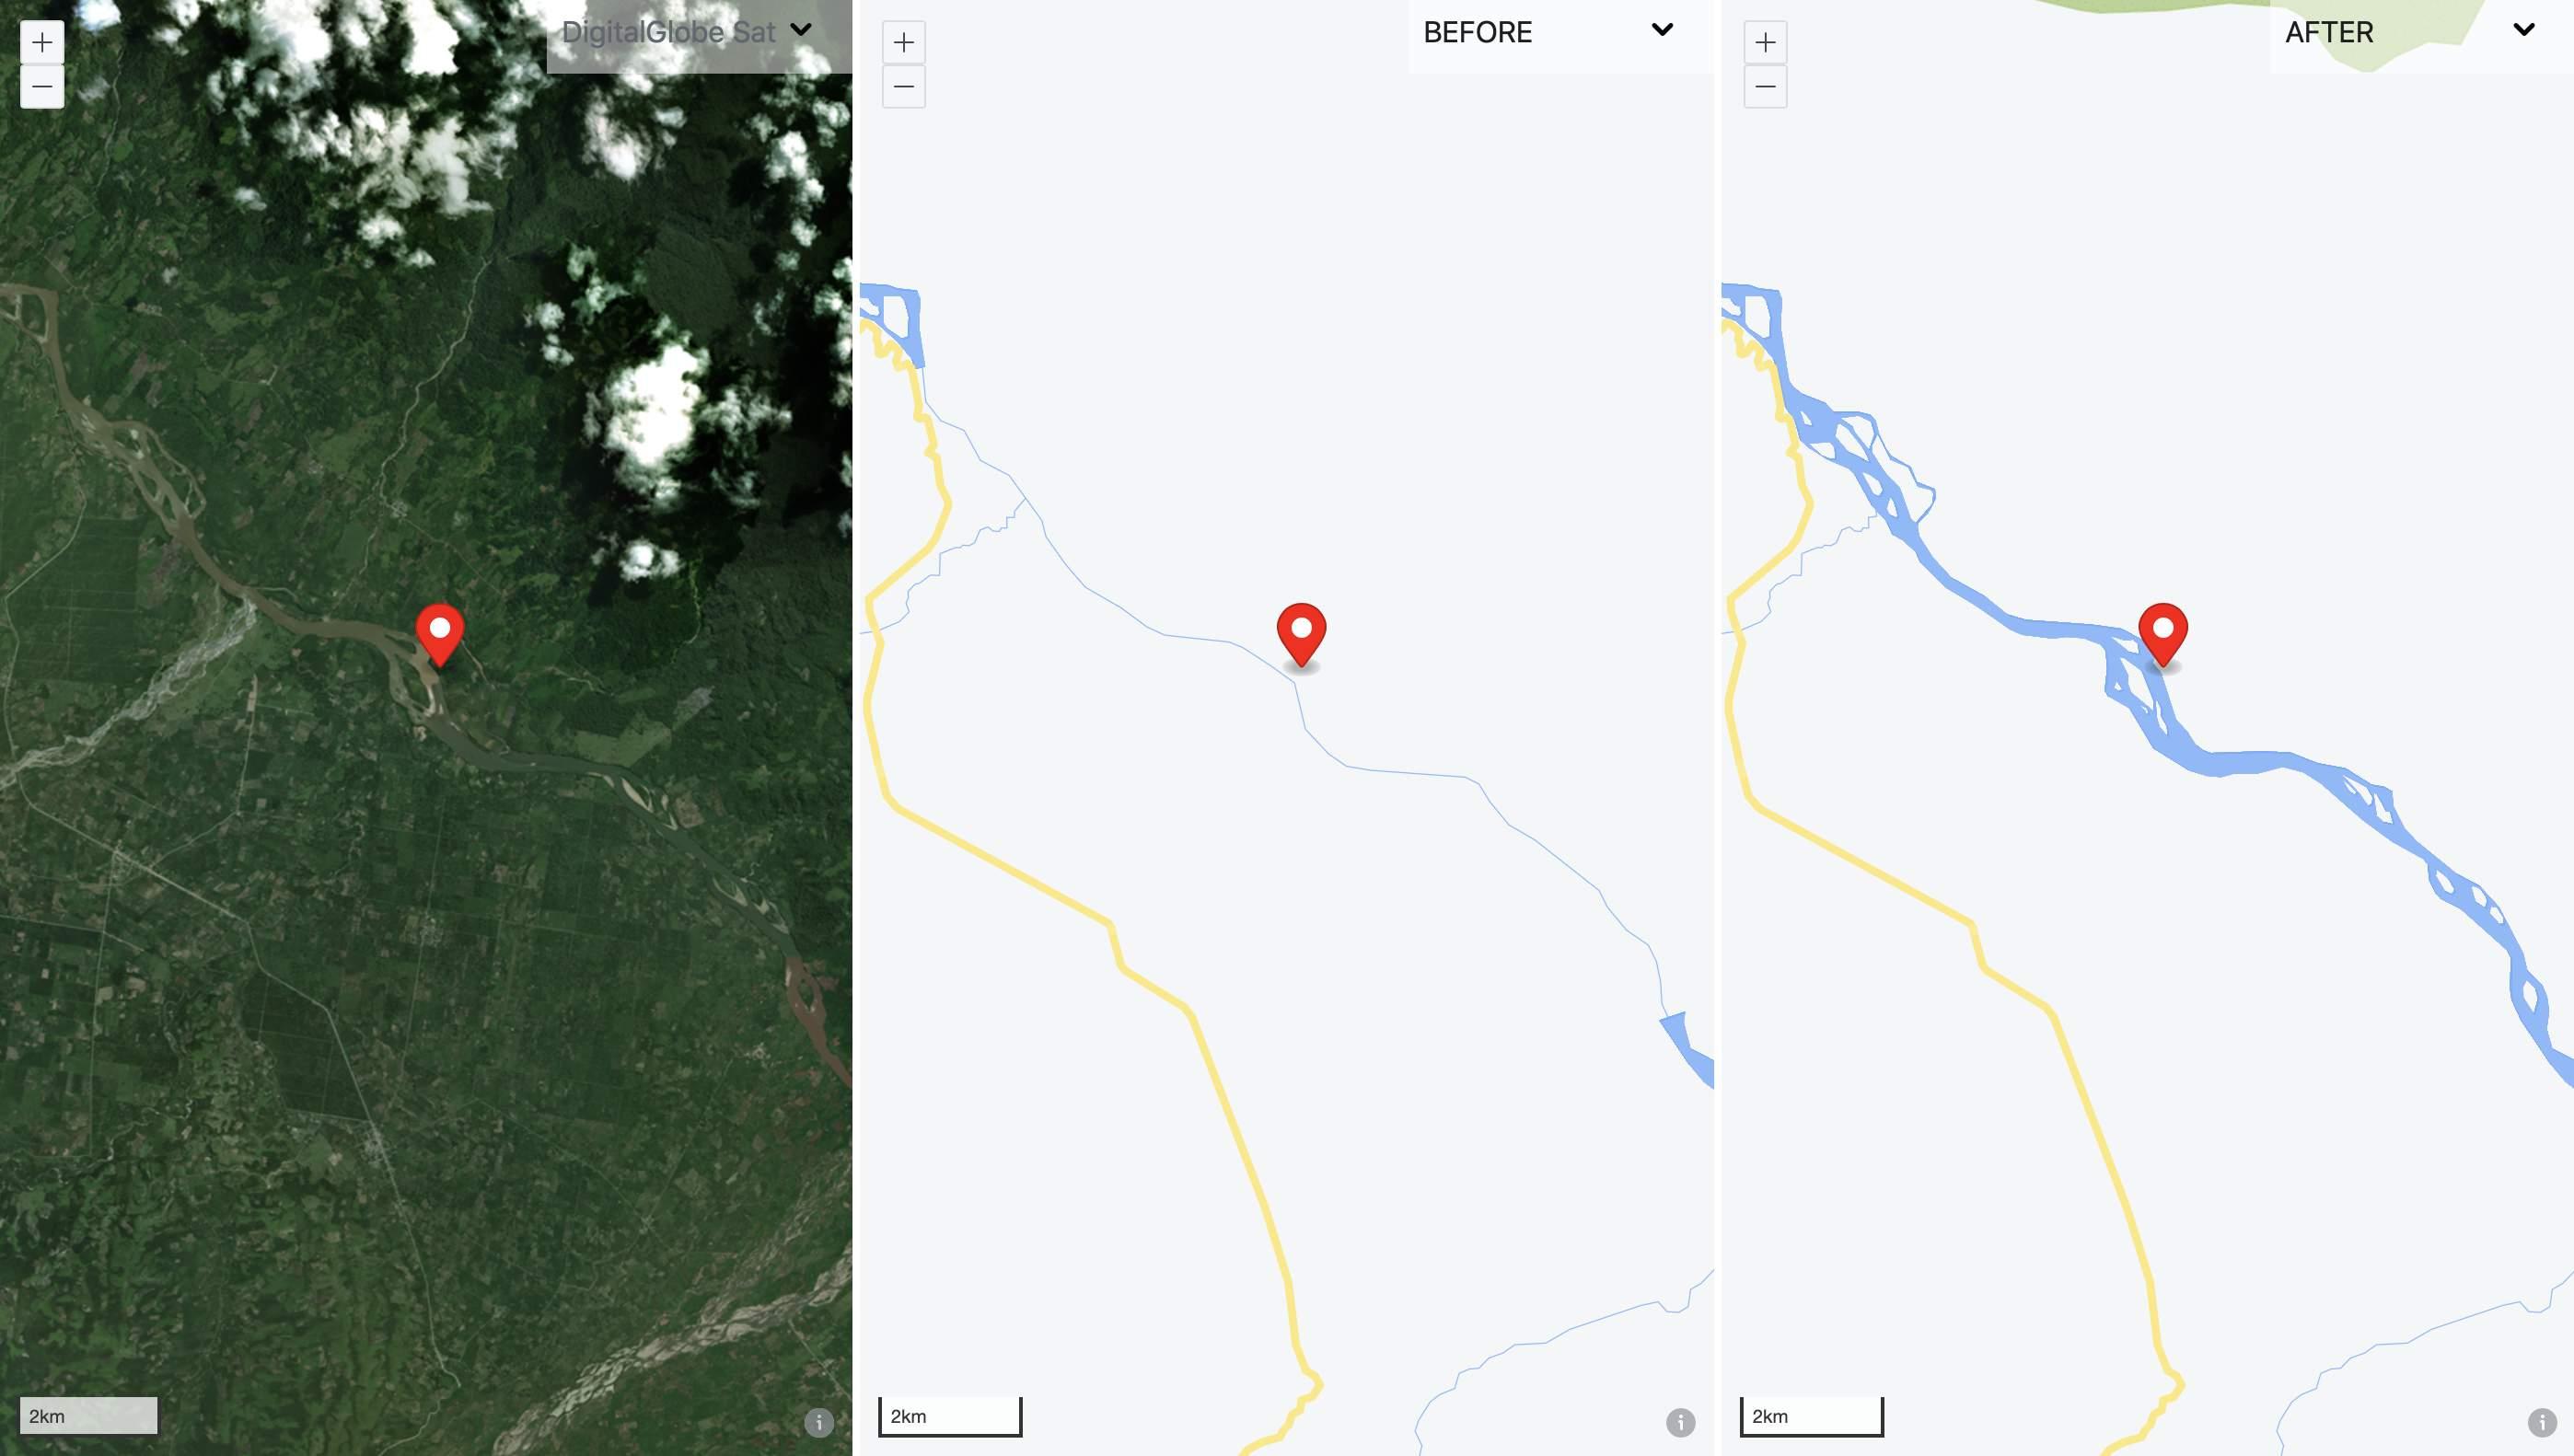 Represented the Rio Huallaga river area more accurately